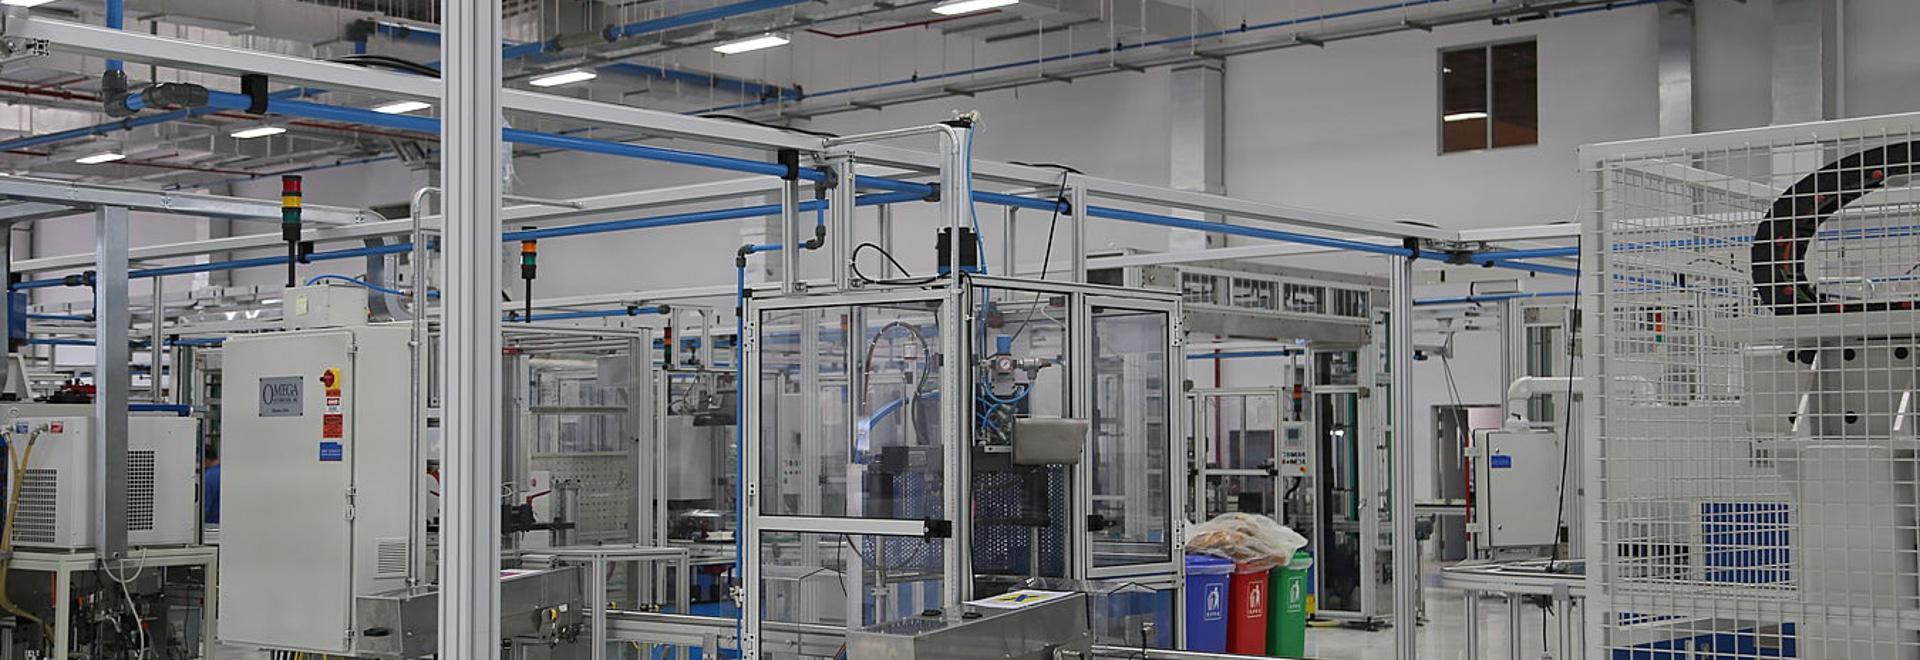 cảm biến áp lực 4-20mA trong hệ thống khí nén